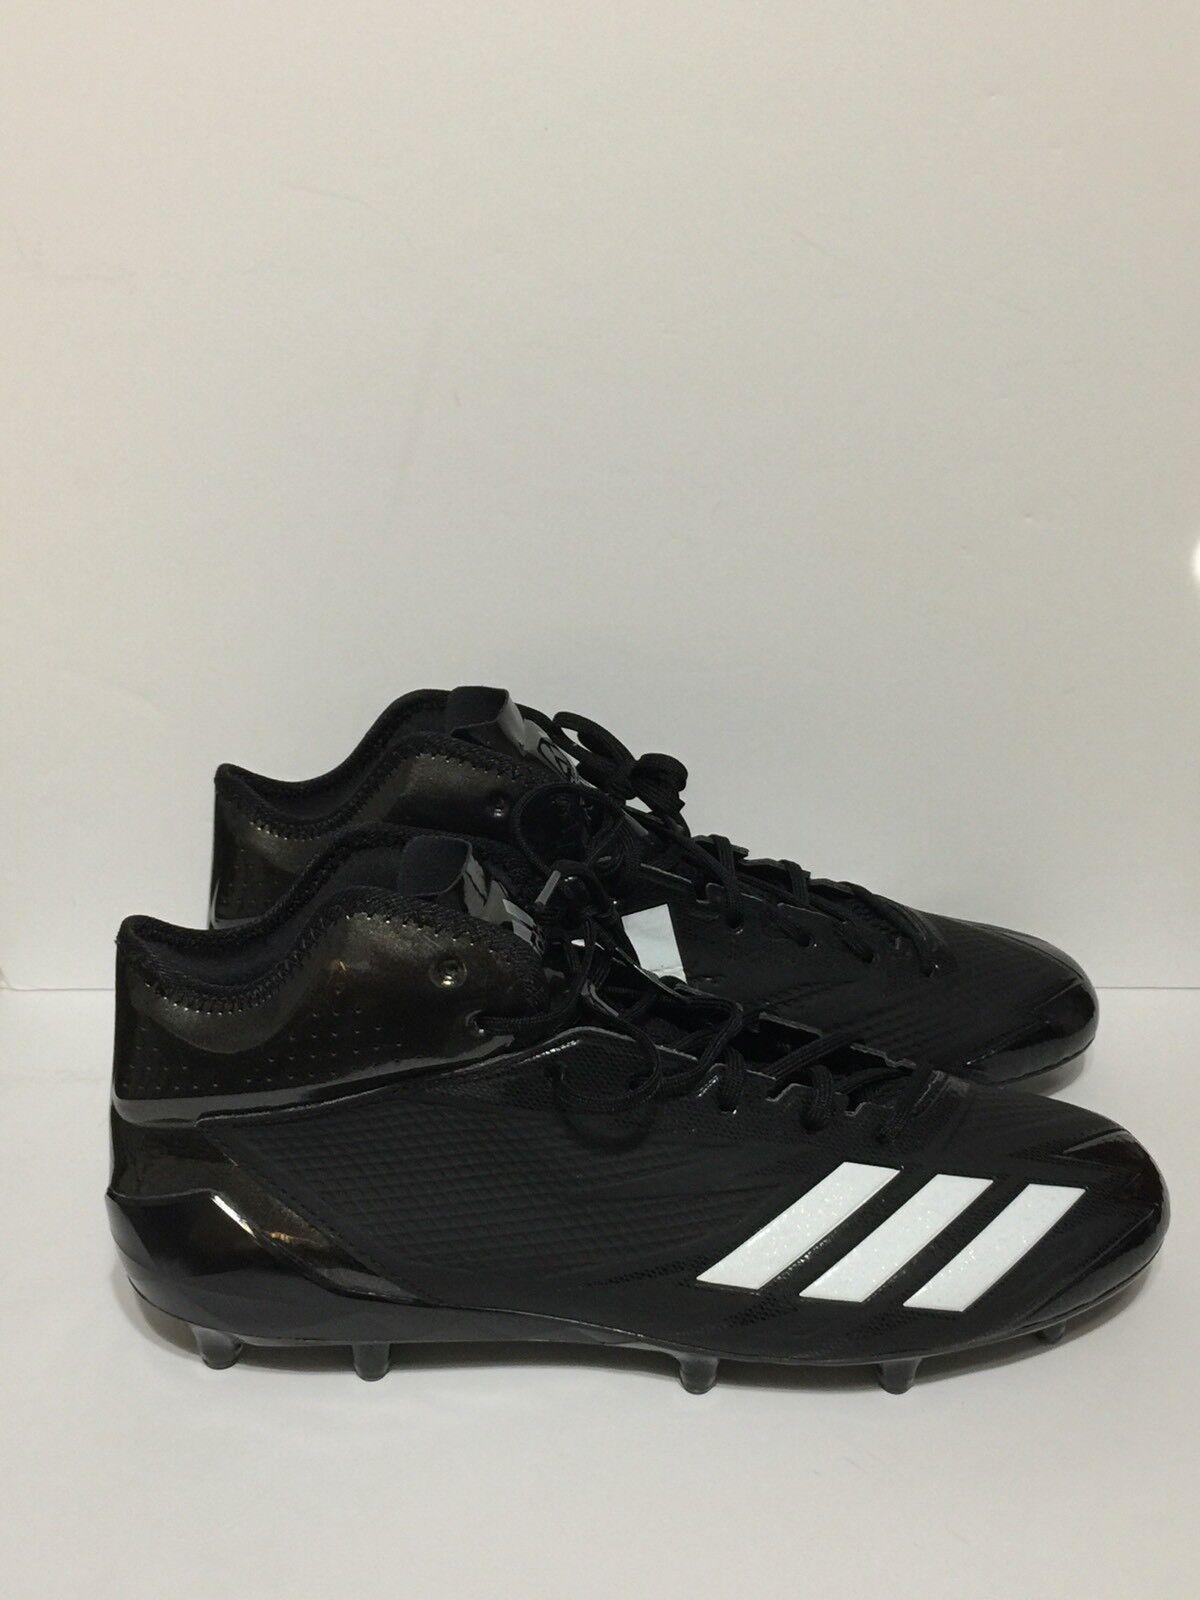 Adidas adizero 5 - sterne - 6,0 mitte fest, fußball - schuh männer größe 11,5 m, bw1092